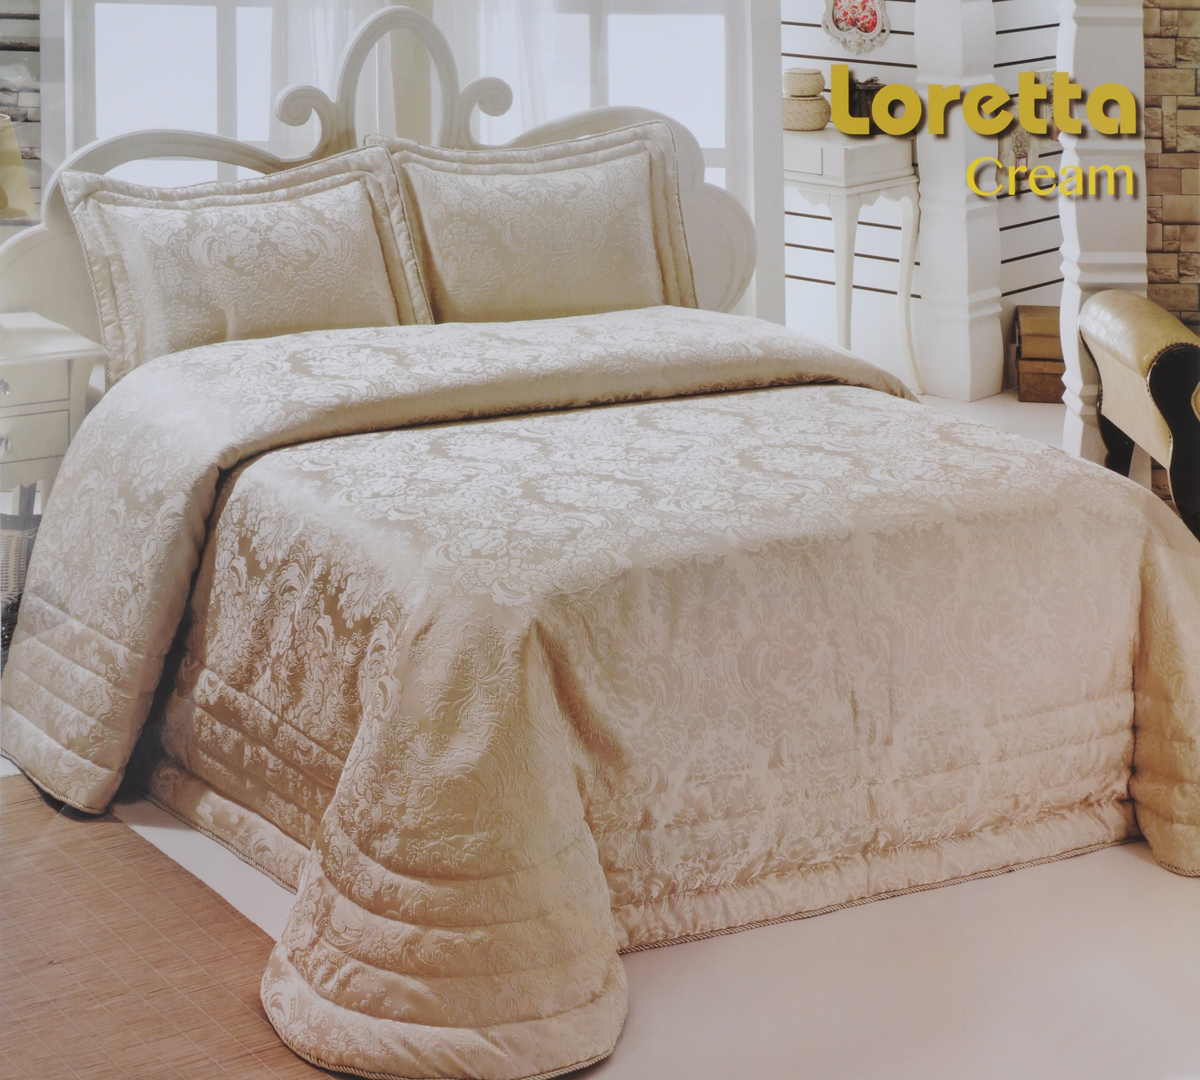 Комплект для спальни Modalin Nazsu. Loretta: покрывало 250 х 270 см, 2 наволочки 50 х 70 см, цвет: кремовый5021/CHAR01Изысканный комплект для спальни Modalin Nazsu. Loretta состоит из покрывала и двух наволочек. Изделия выполнены из высококачественного полиэстера и хлопка, легкие, прочные и износостойкие. Ткань блестящая, что придает ей больше роскошиКомплект Modalin Nazsu. Loretta - это отличный способ придать спальне уют и комфорт.Размер покрывала: 250 х 270 см.Размер наволочек: 50 х 70 см.